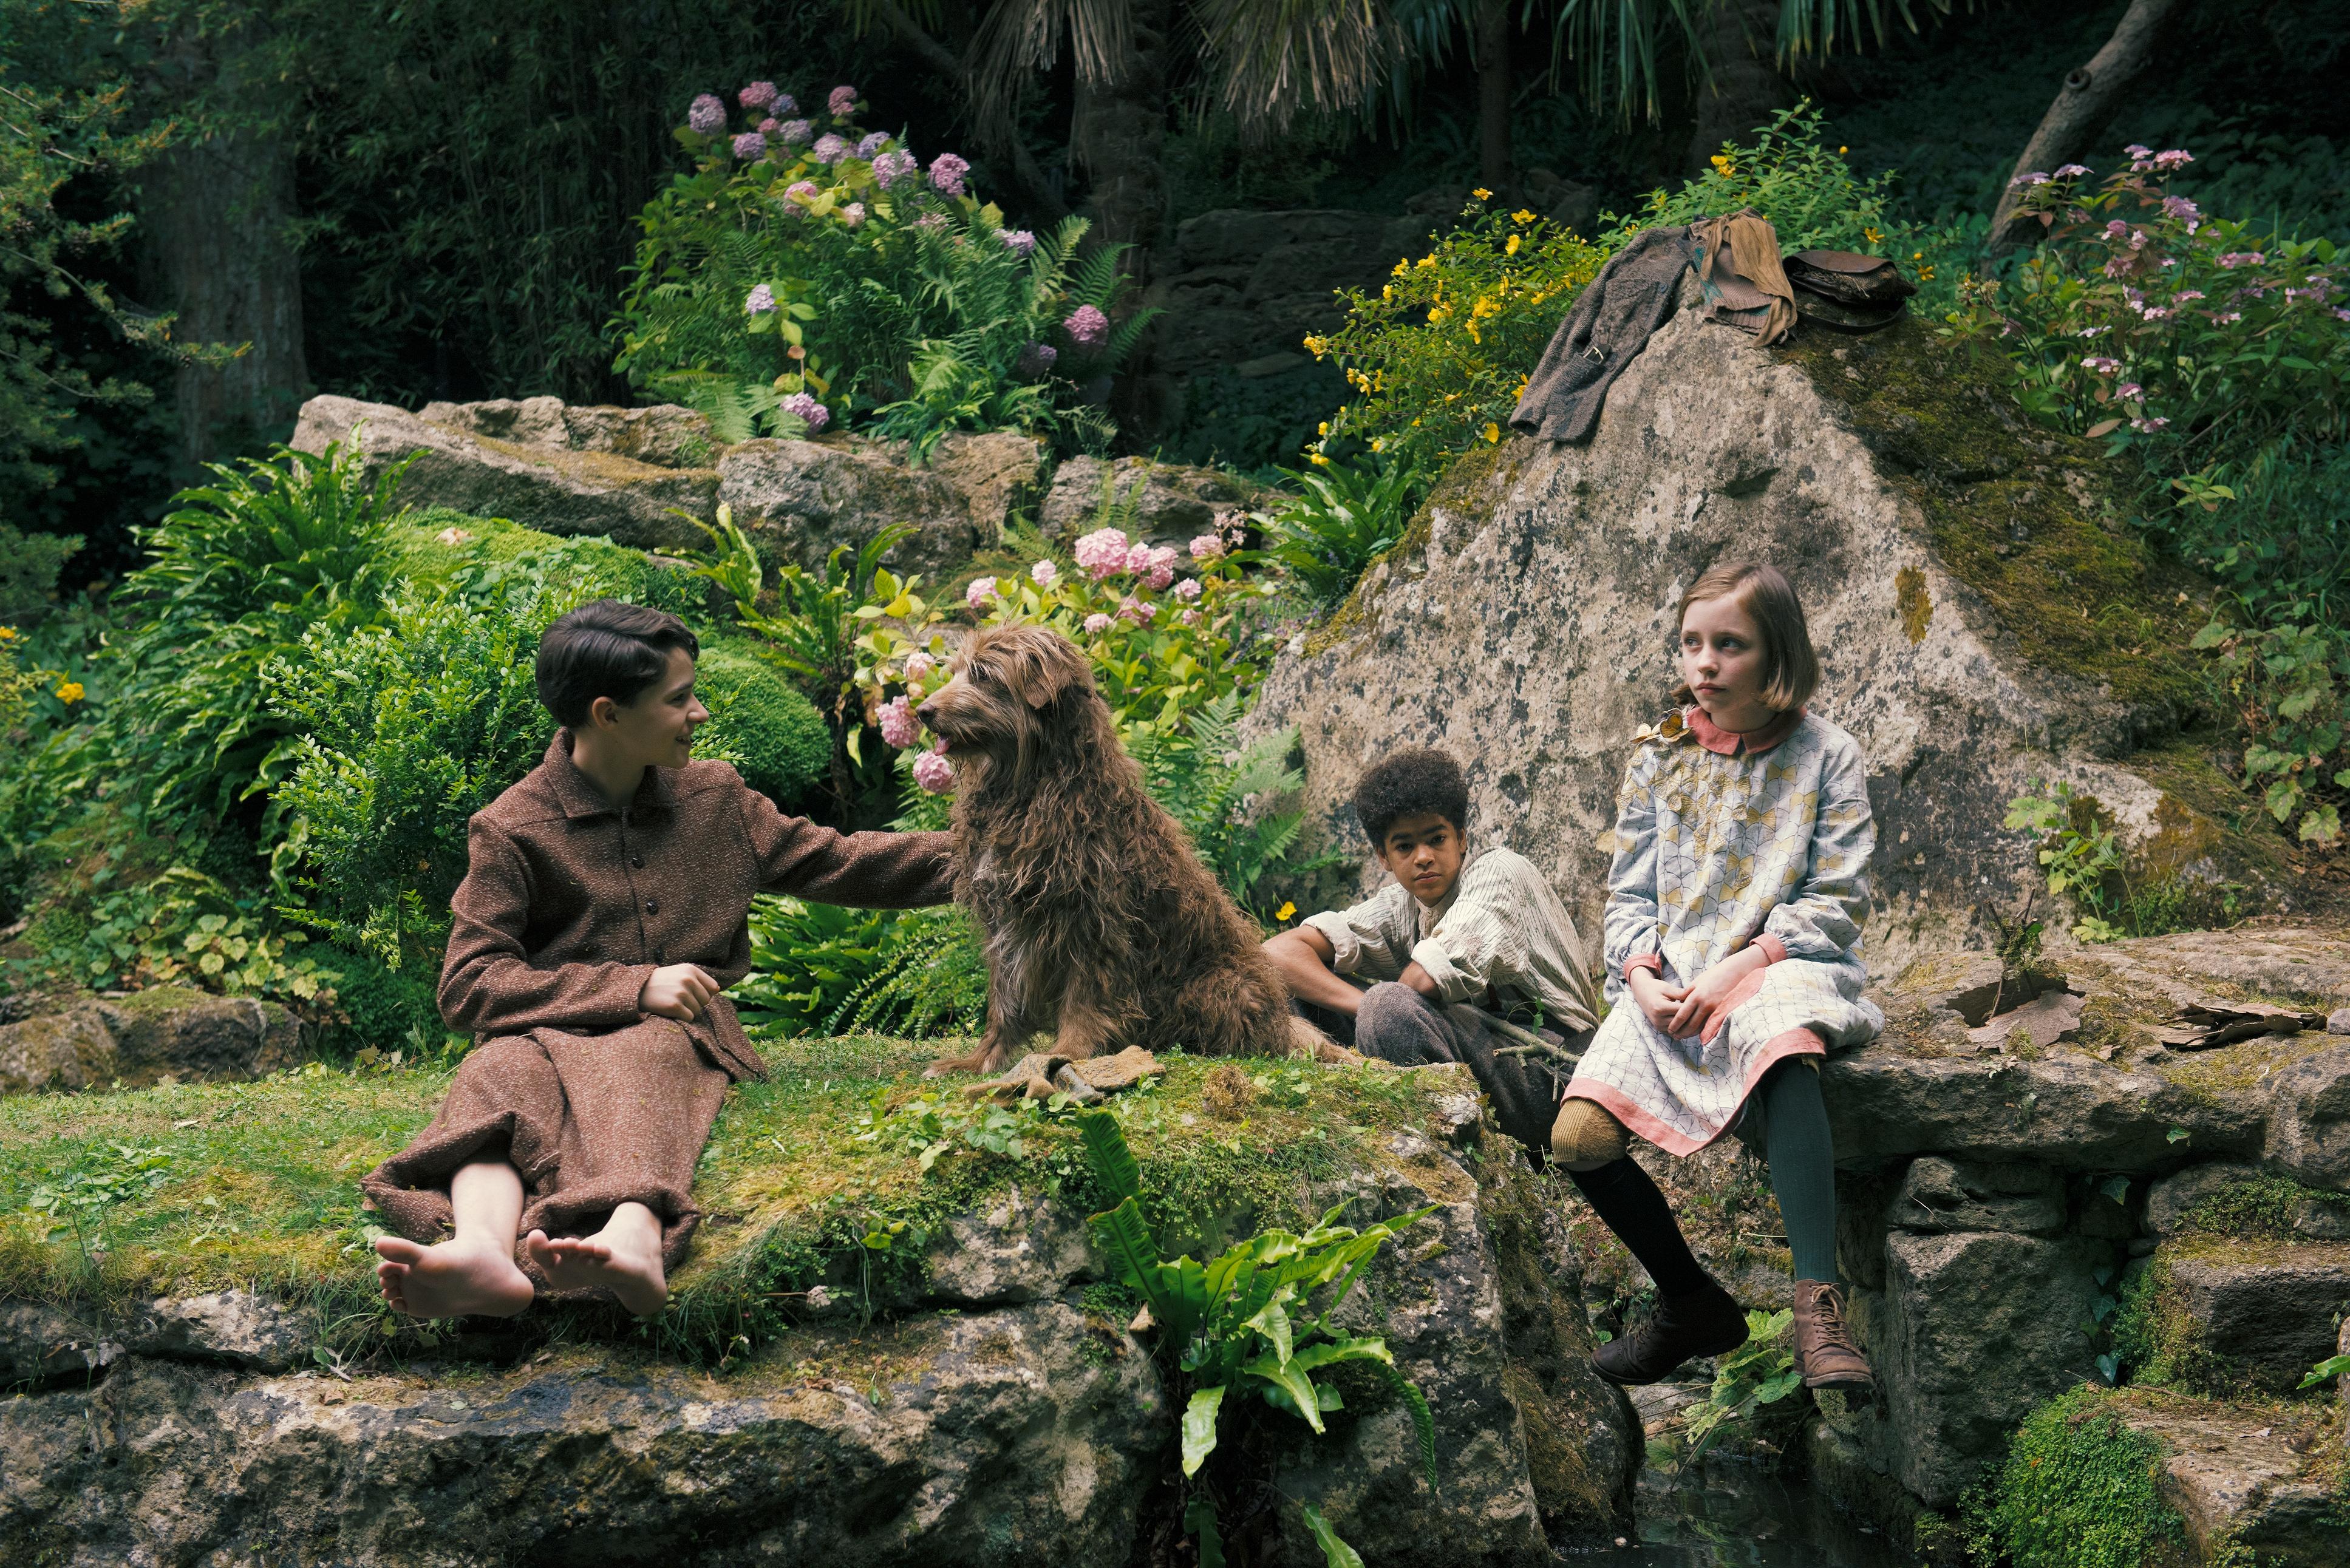 Colin (Edan Hayhurst), Dickon (Amir Wilson), Mary (Dixie Egerickx) und der im Garten lebende Streunerhund genießen den Tag im geheimen Garten.